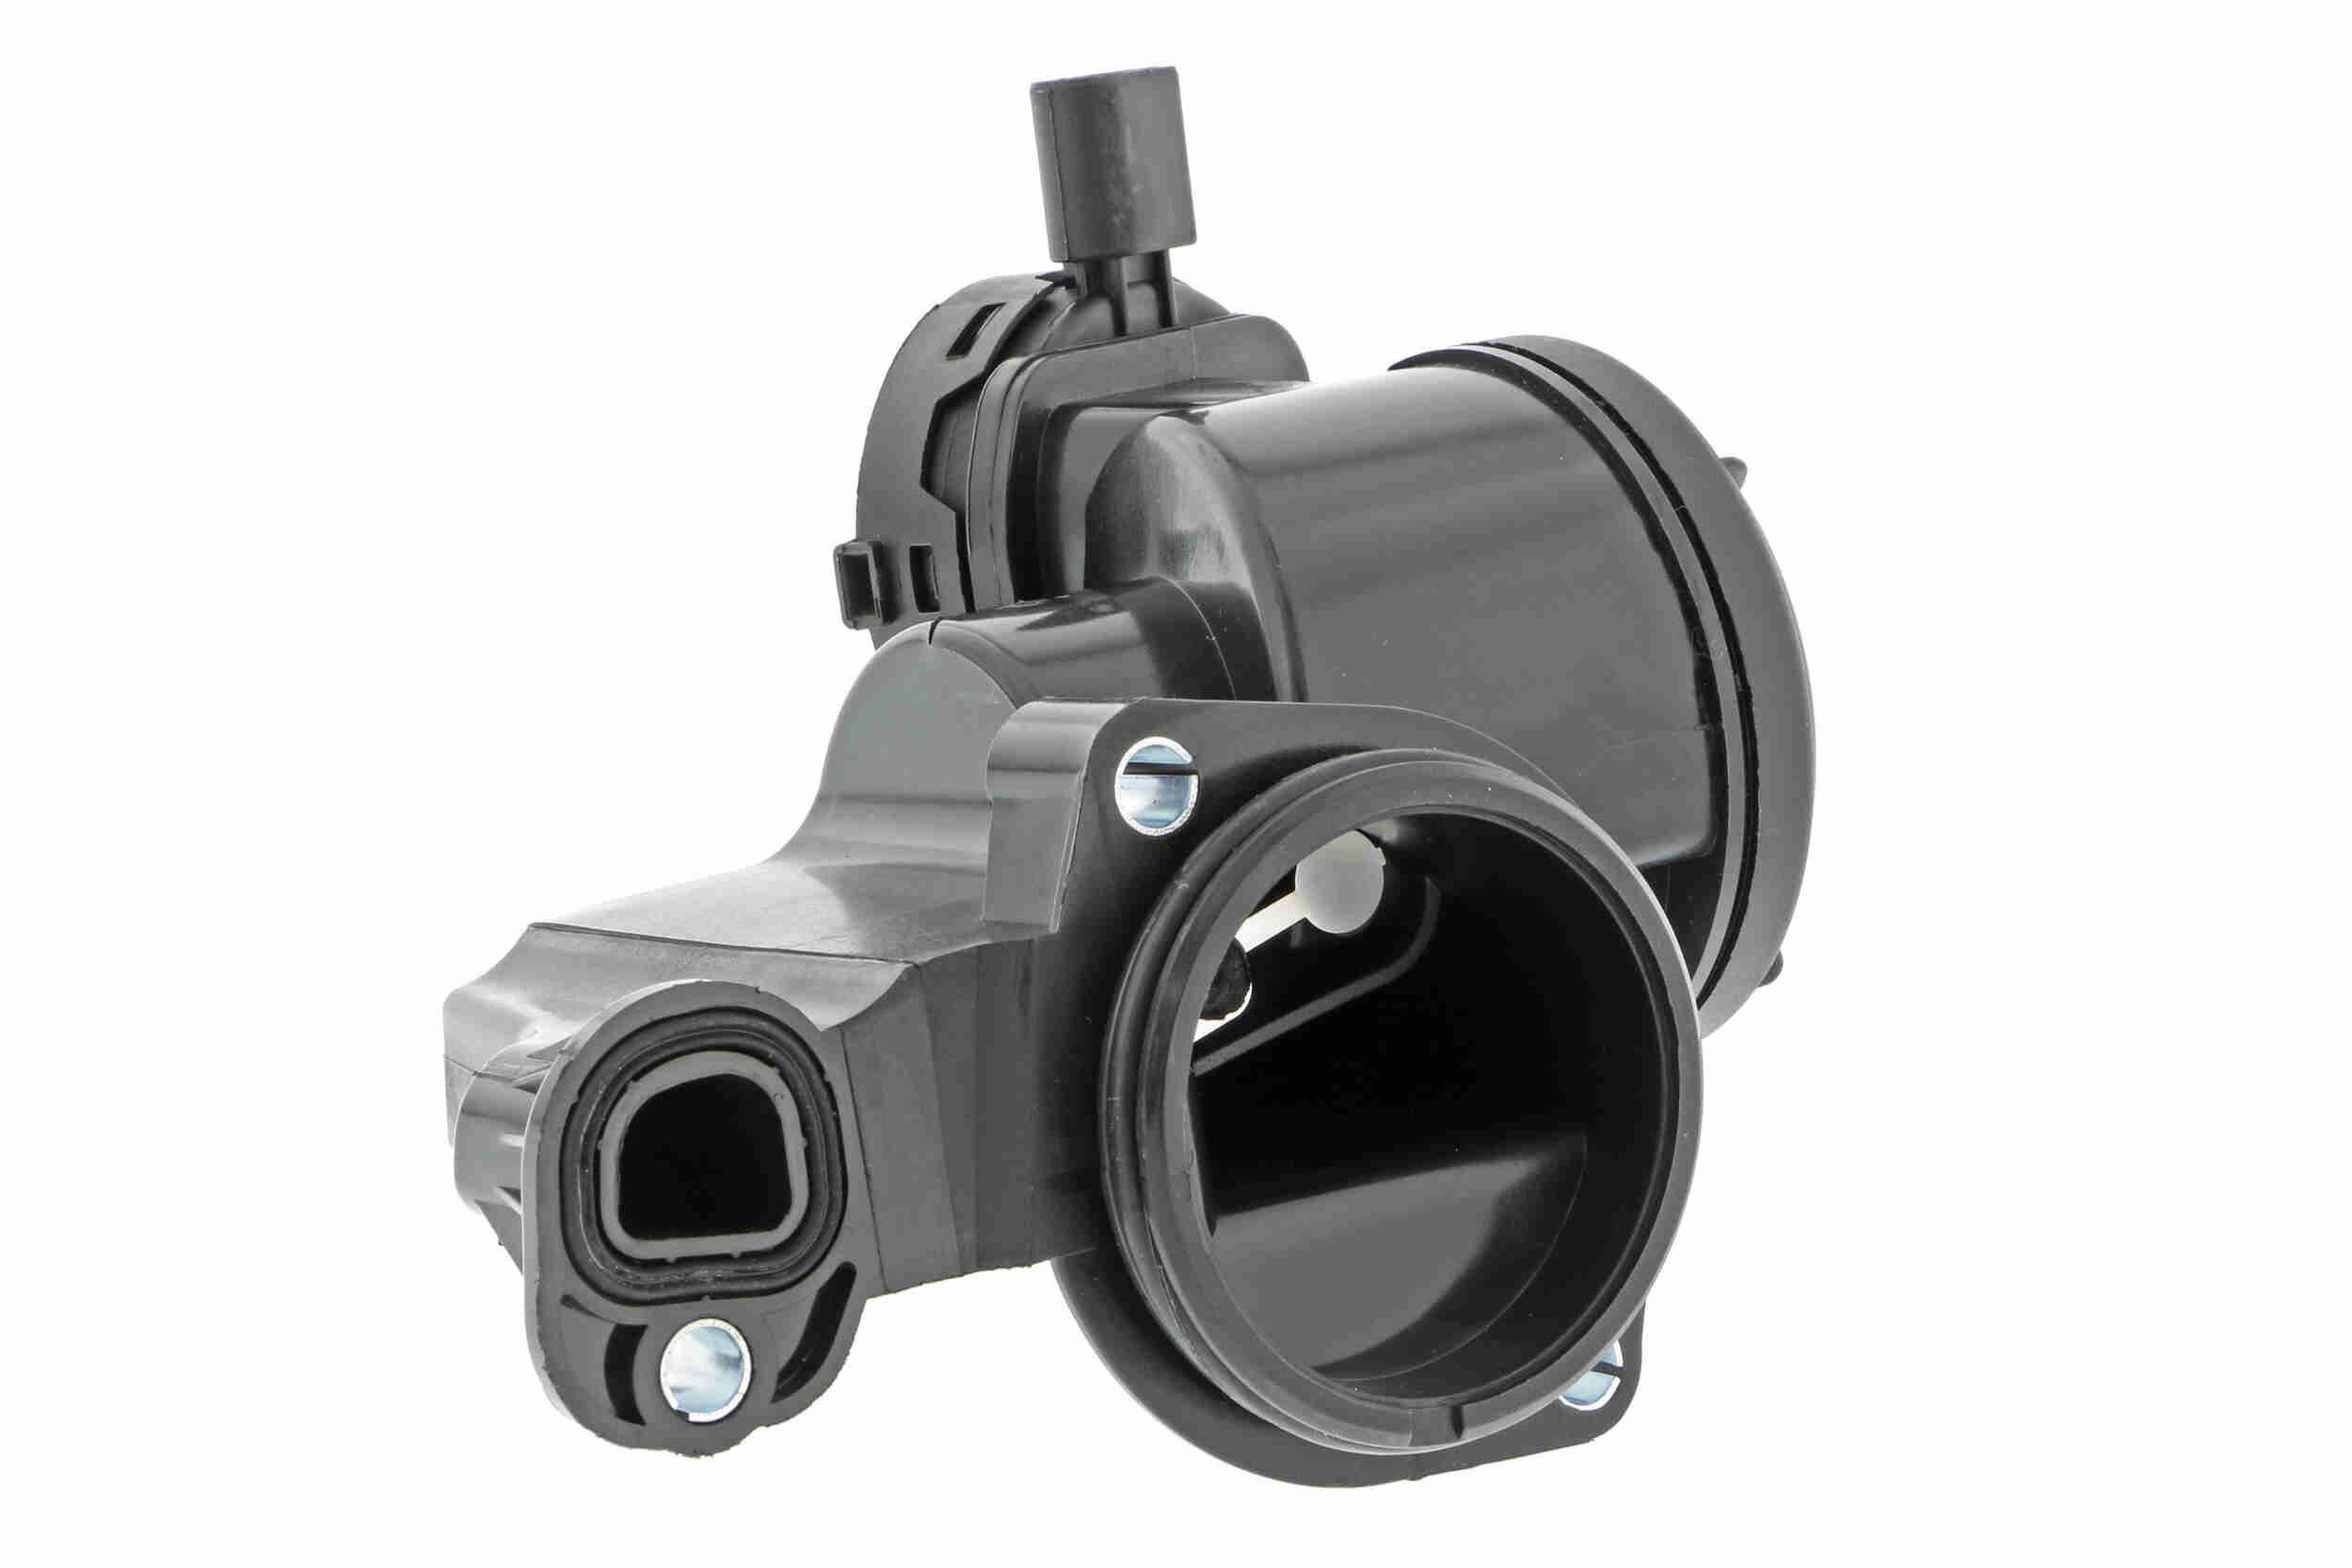 Ventil, Kurbelgehäuseentlüftung V10-2255 VAICO V10-2255 in Original Qualität